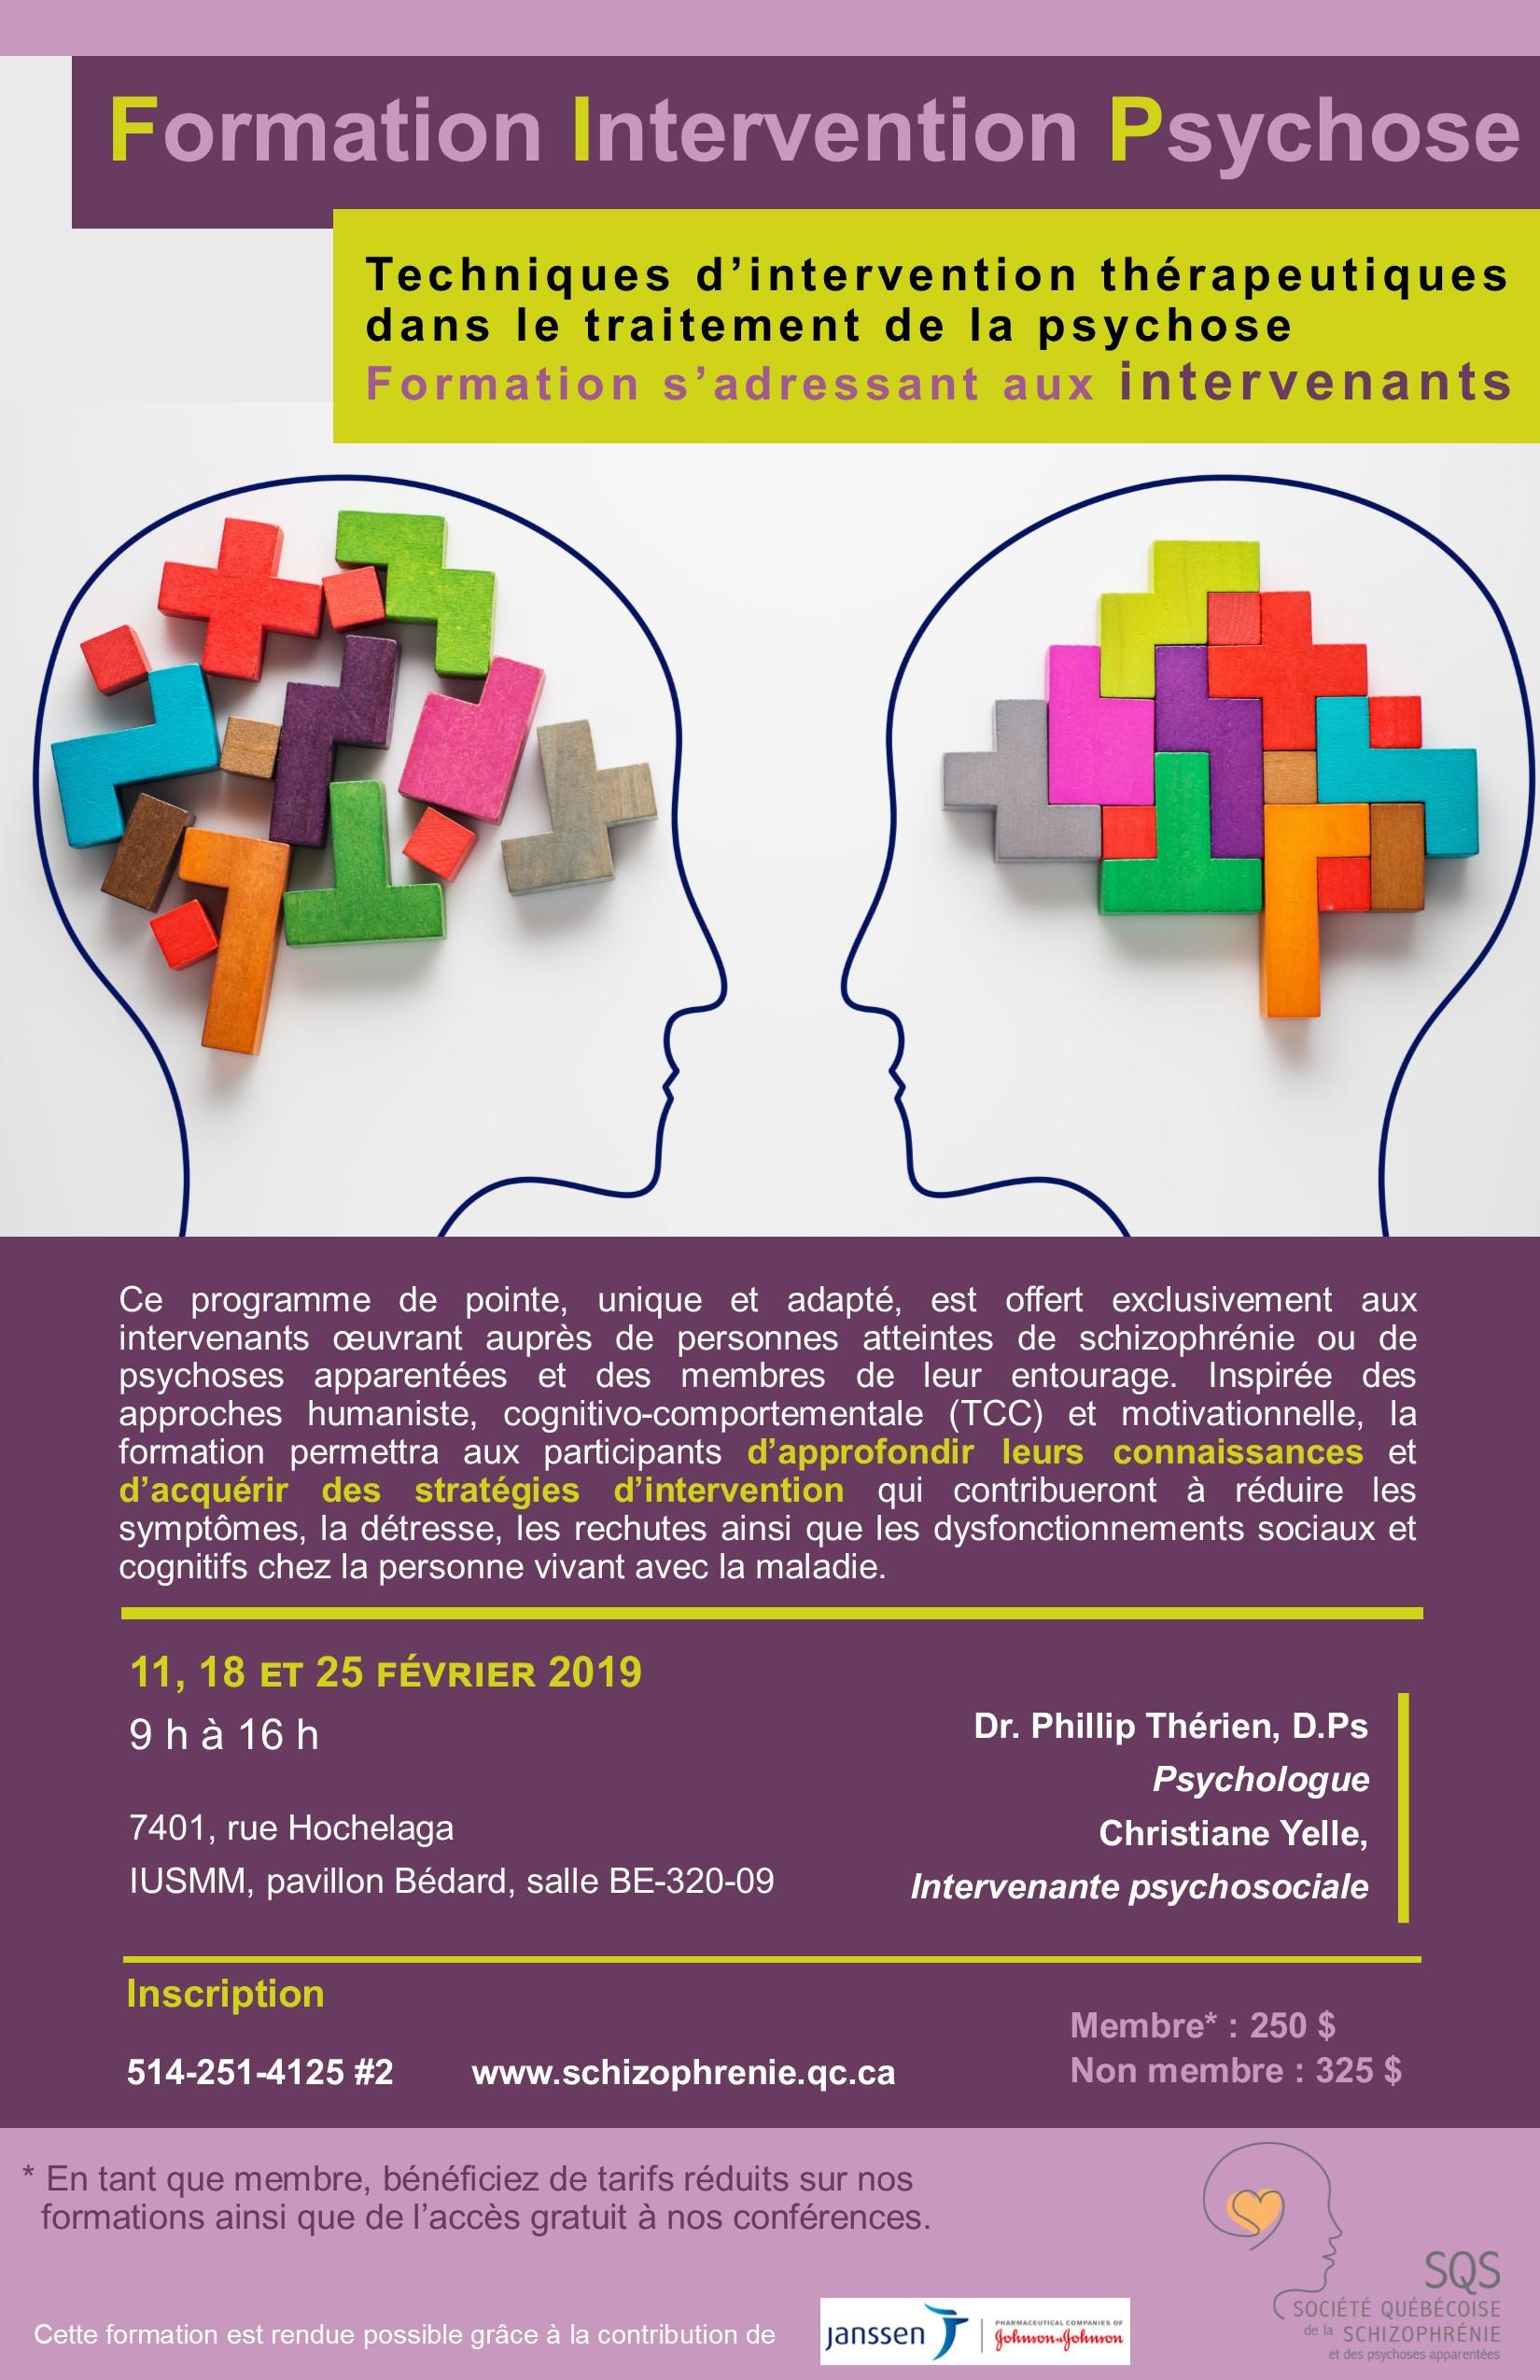 Formation Intervention Psychose  Techniques d'intervention thérapeutiques dans le traitement de la psychose